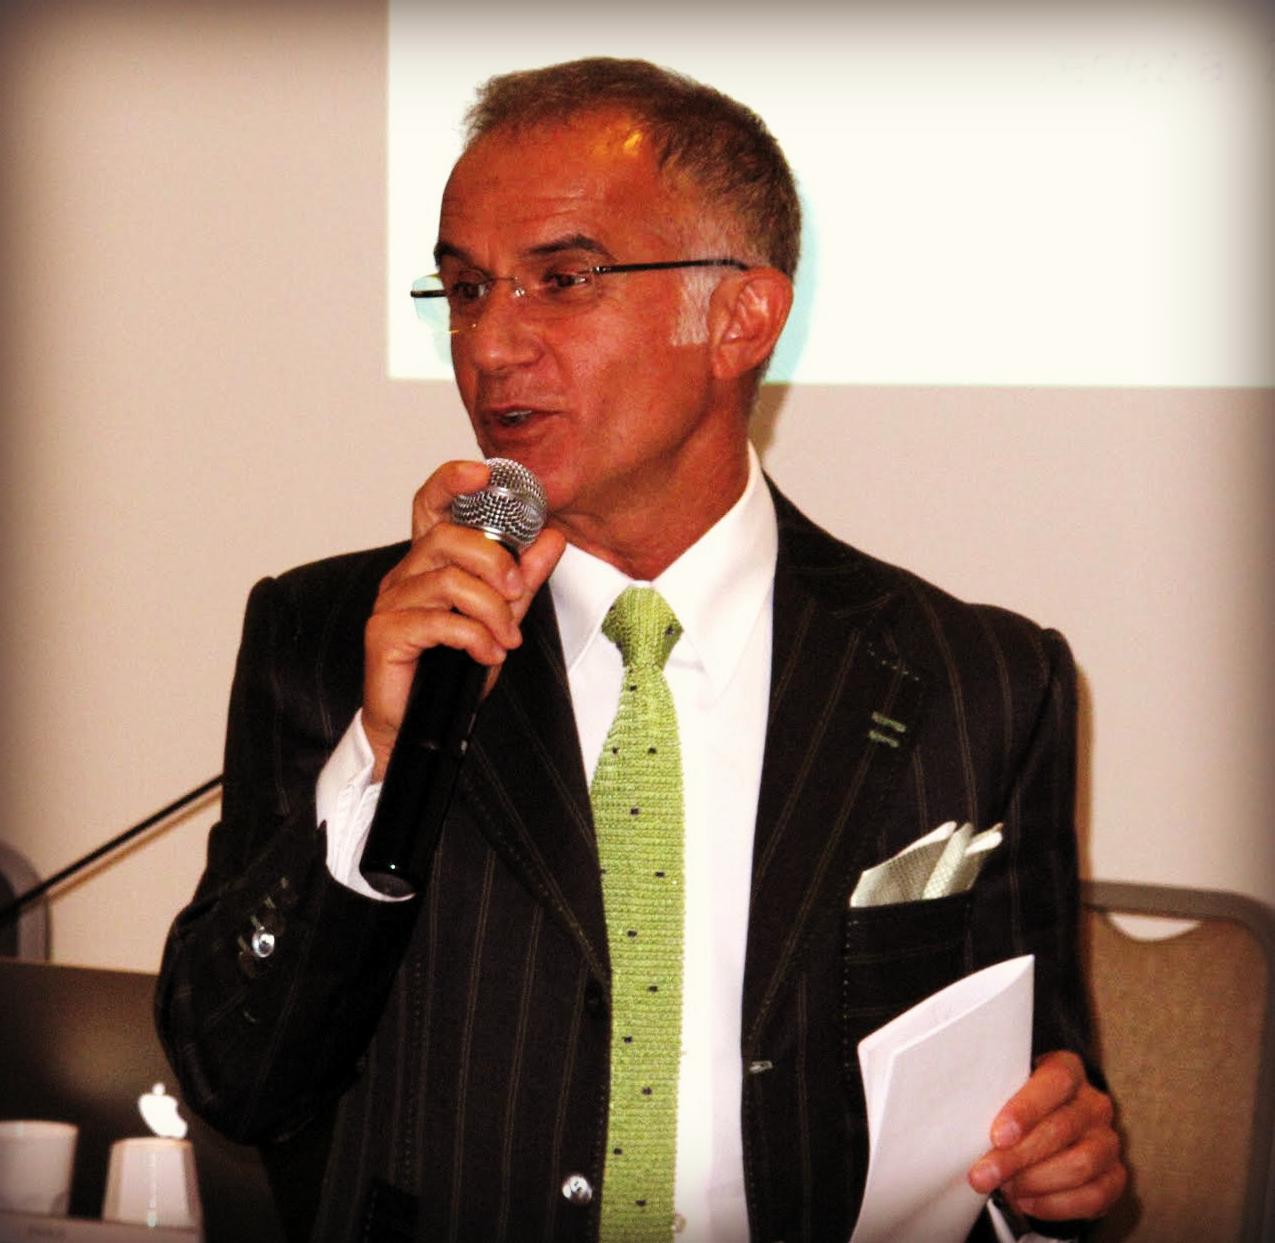 Andrea Condello